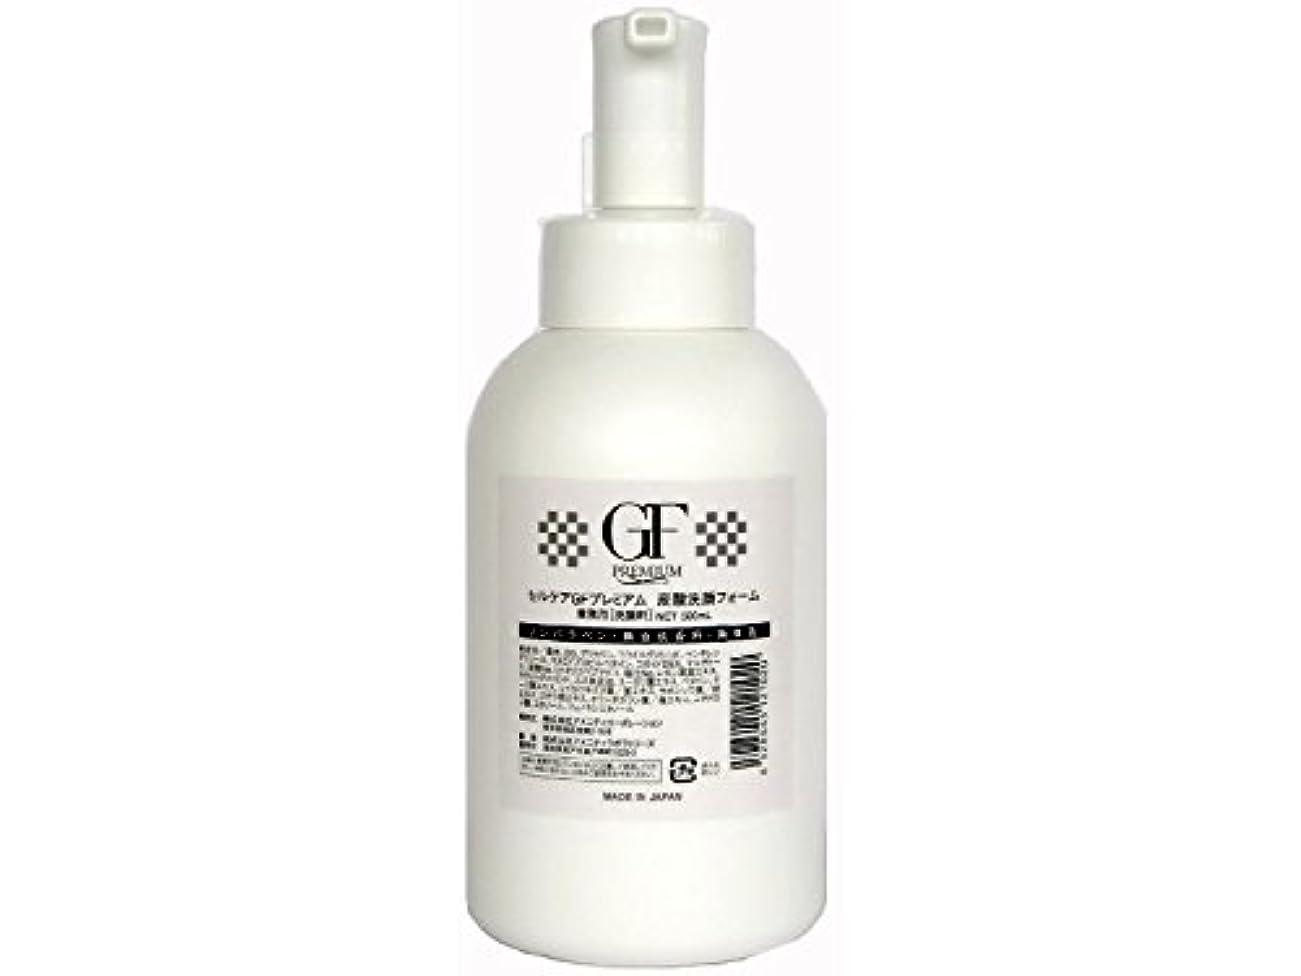 グレー機械的にブラウズ【業務用】セルケア GFプレミアム EG炭酸洗顔フォーム 500ml